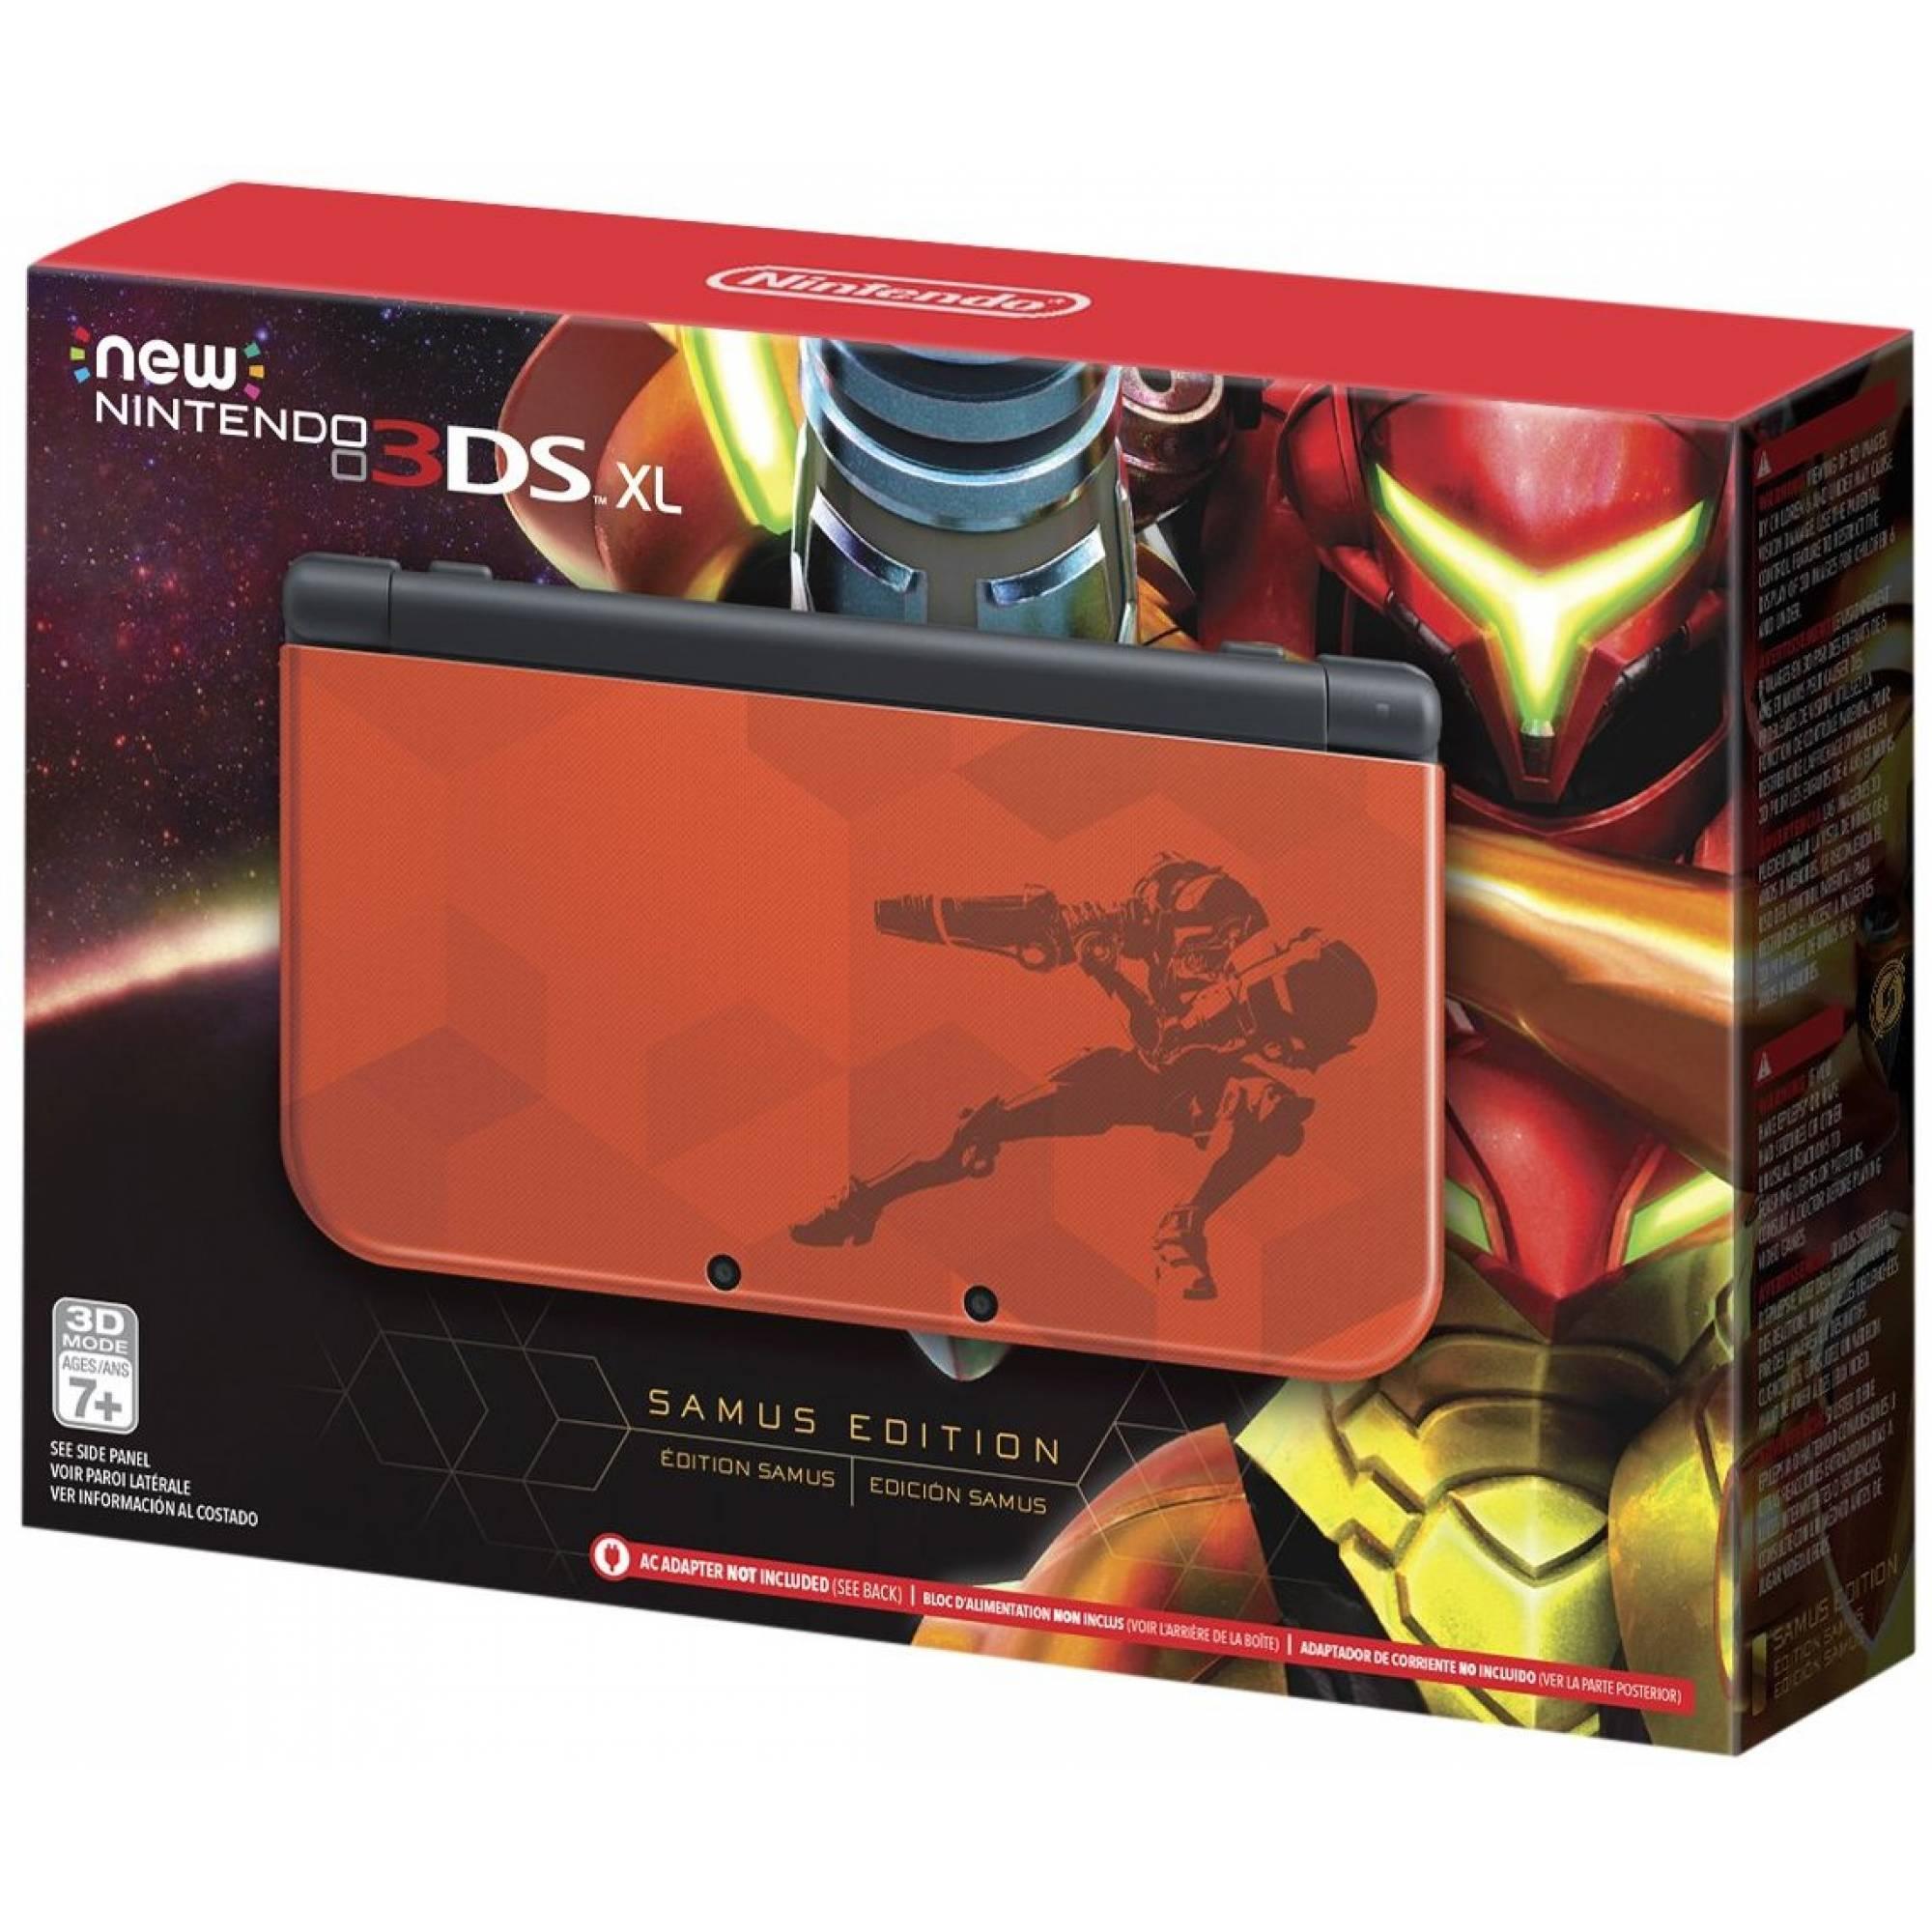 New Nintendo 3Ds XL Edição Samus + Carregador Original Nintendo + 50 Jogos 3D na Memória